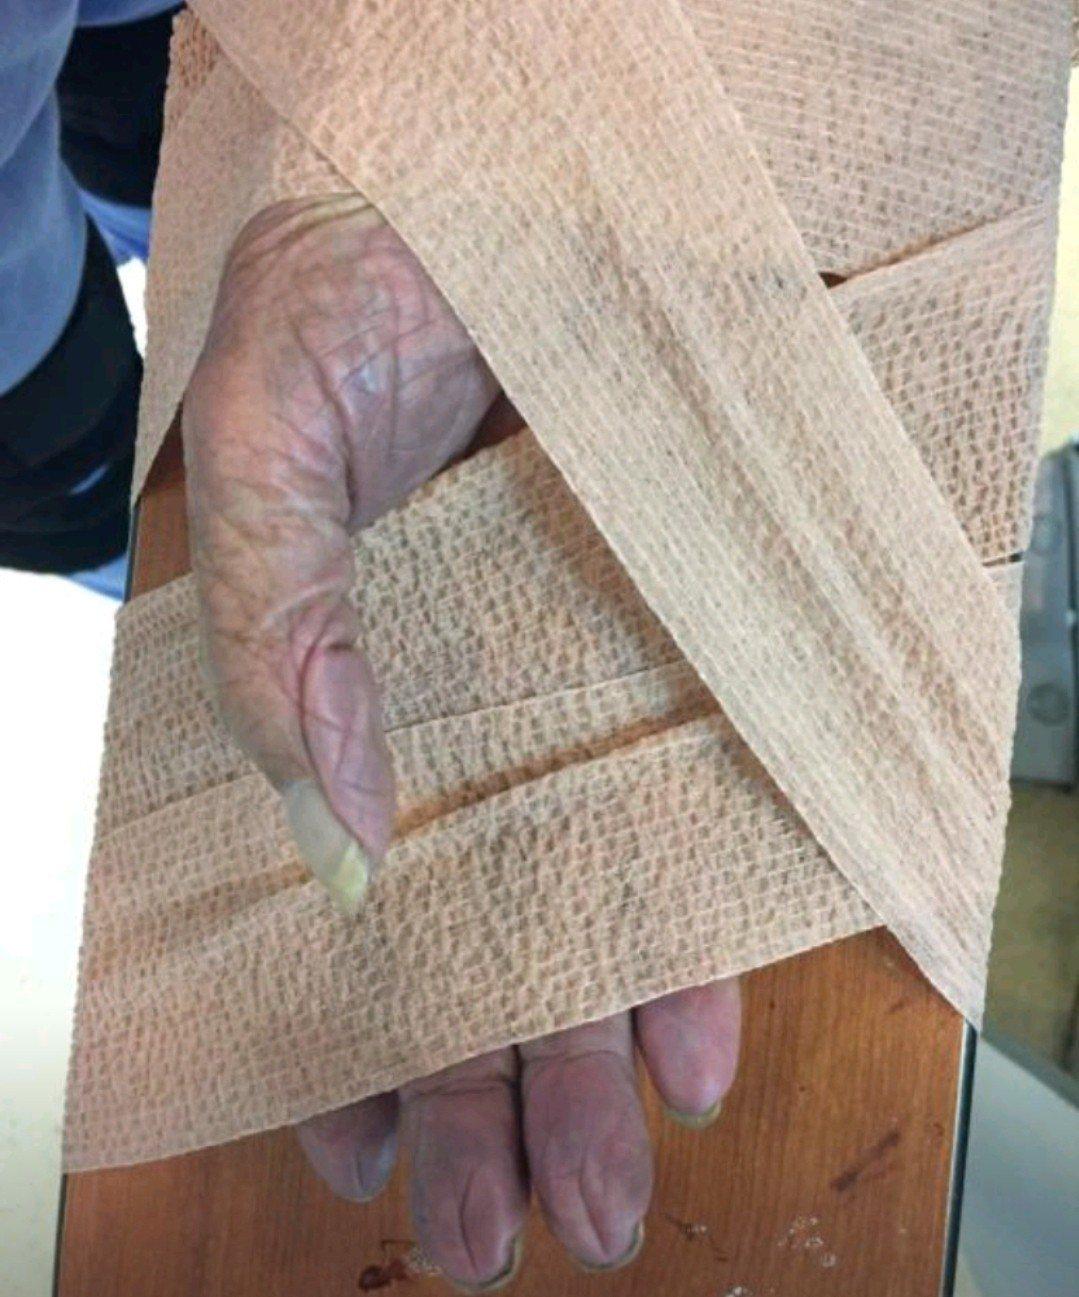 97歲老翁右手突然劇痛,慘白、發紫,原來是手中風。圖/奇美醫院提供